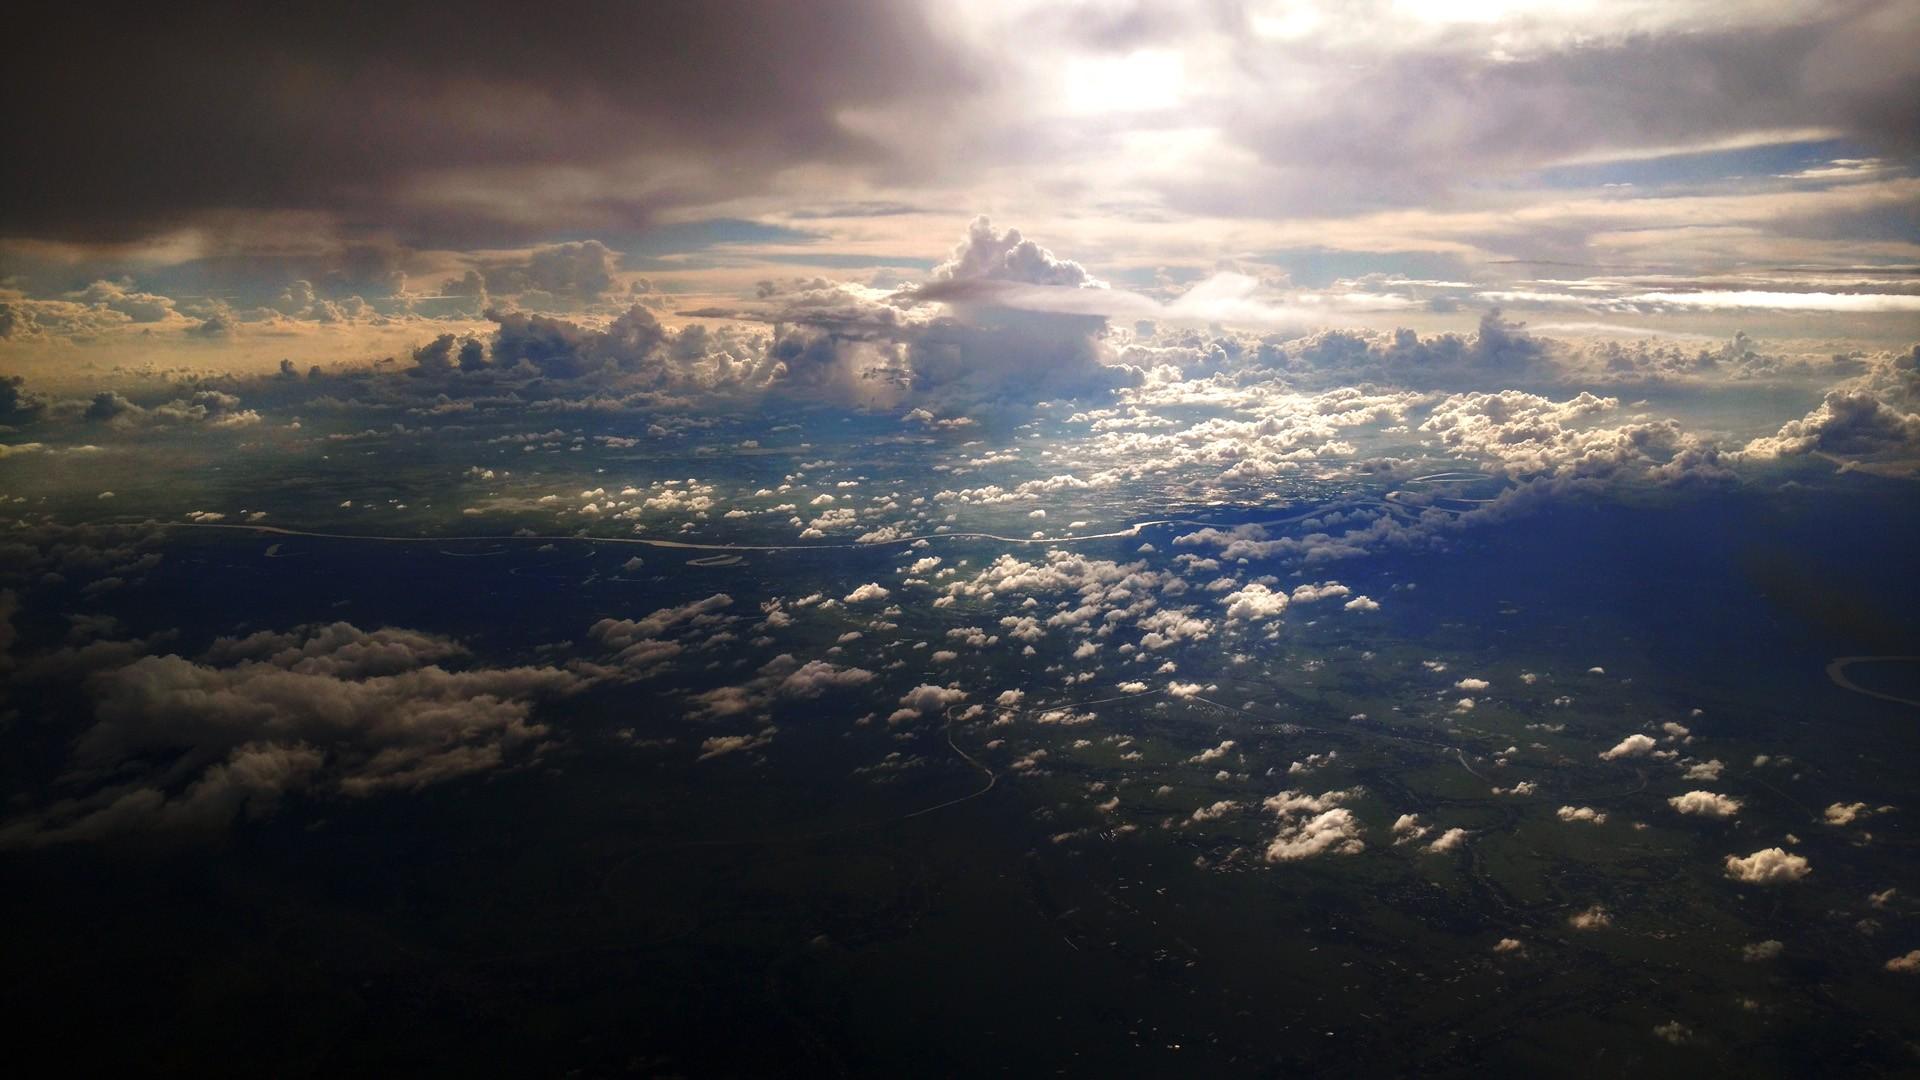 картинки неба с высоты птичьего полета этого созданы все